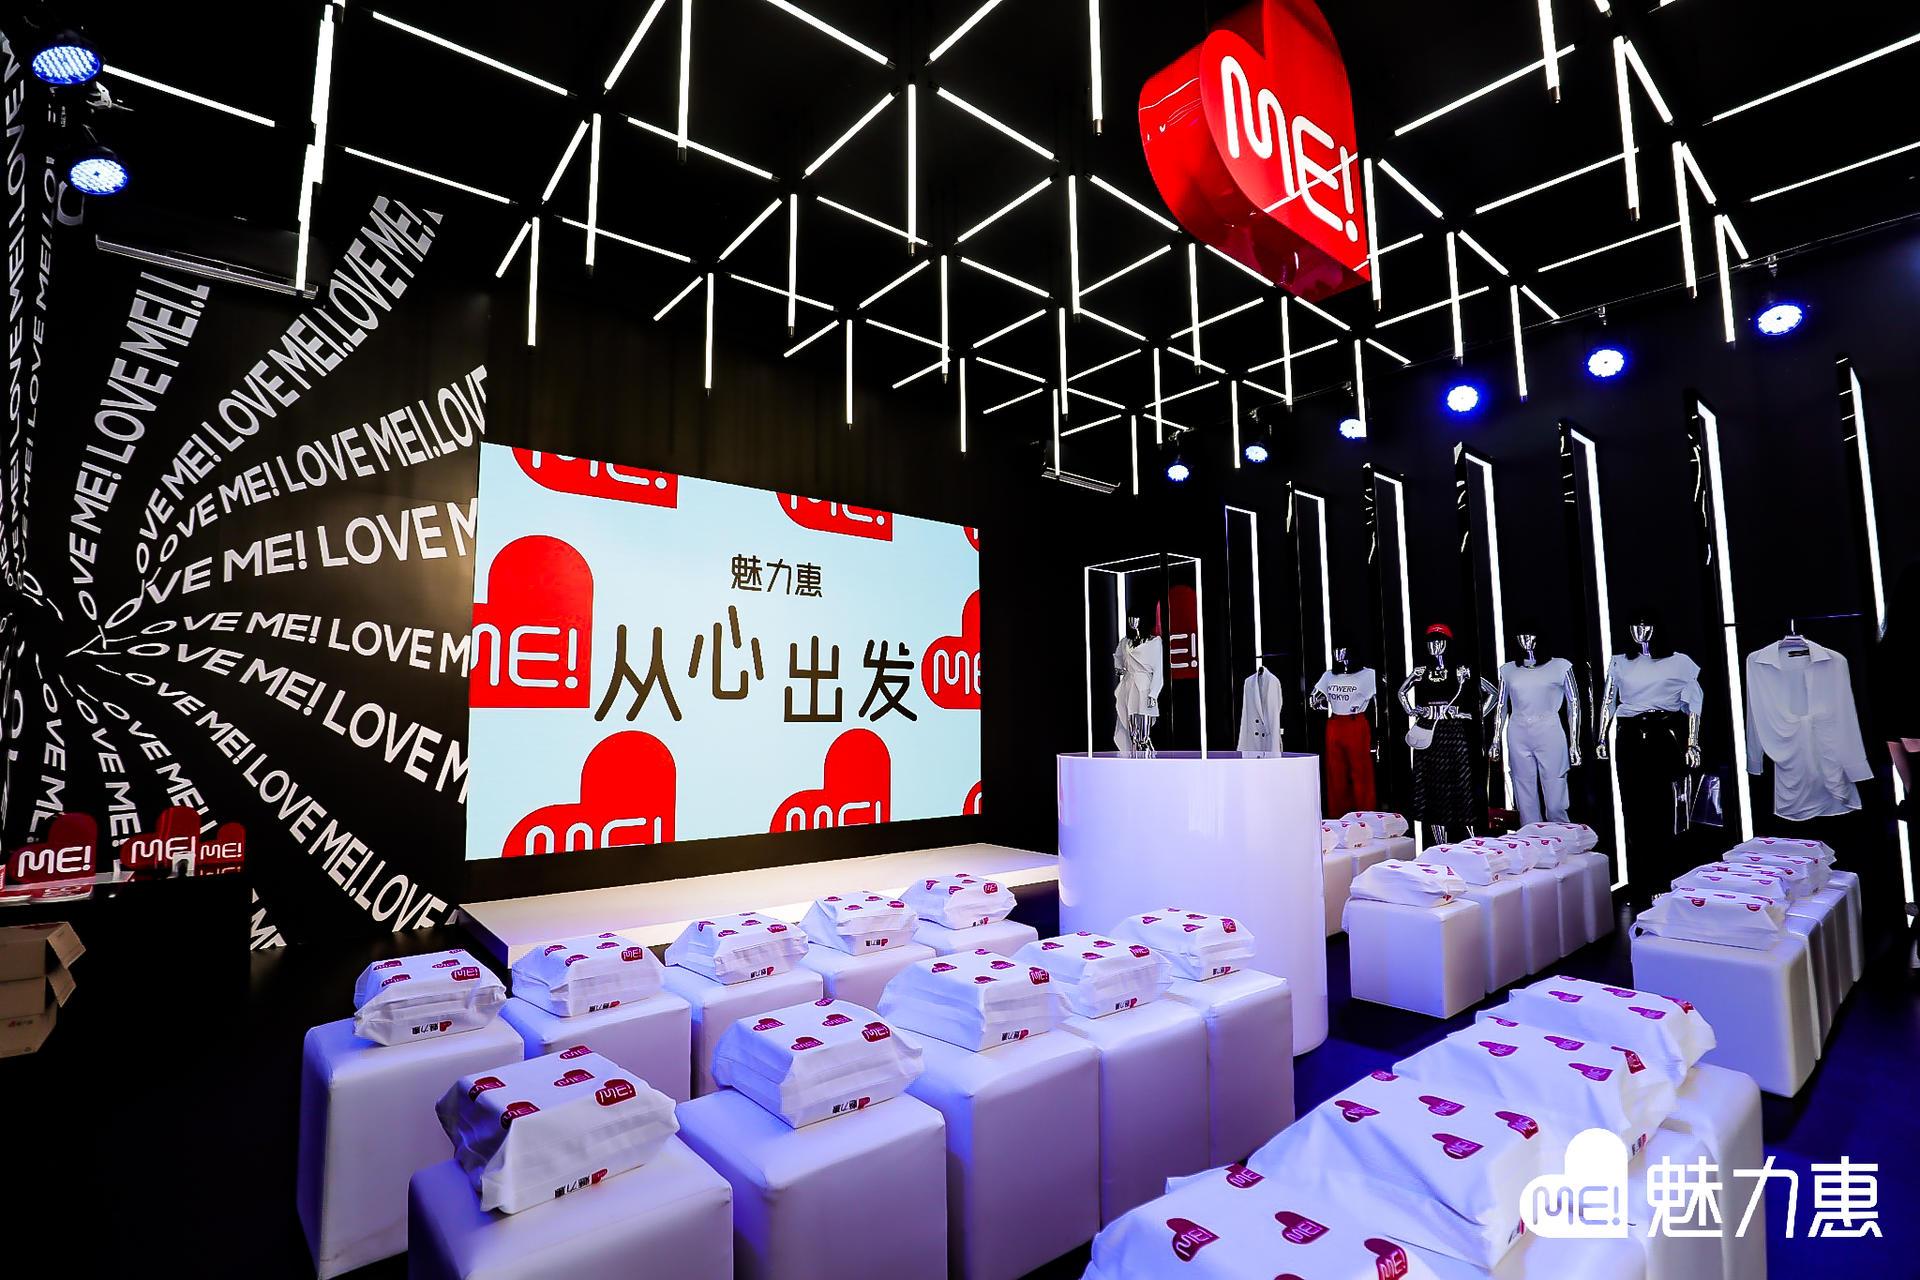 魅力惠品牌升级发布会活动策划现场竟是超吸睛的巨型红色礼物盒